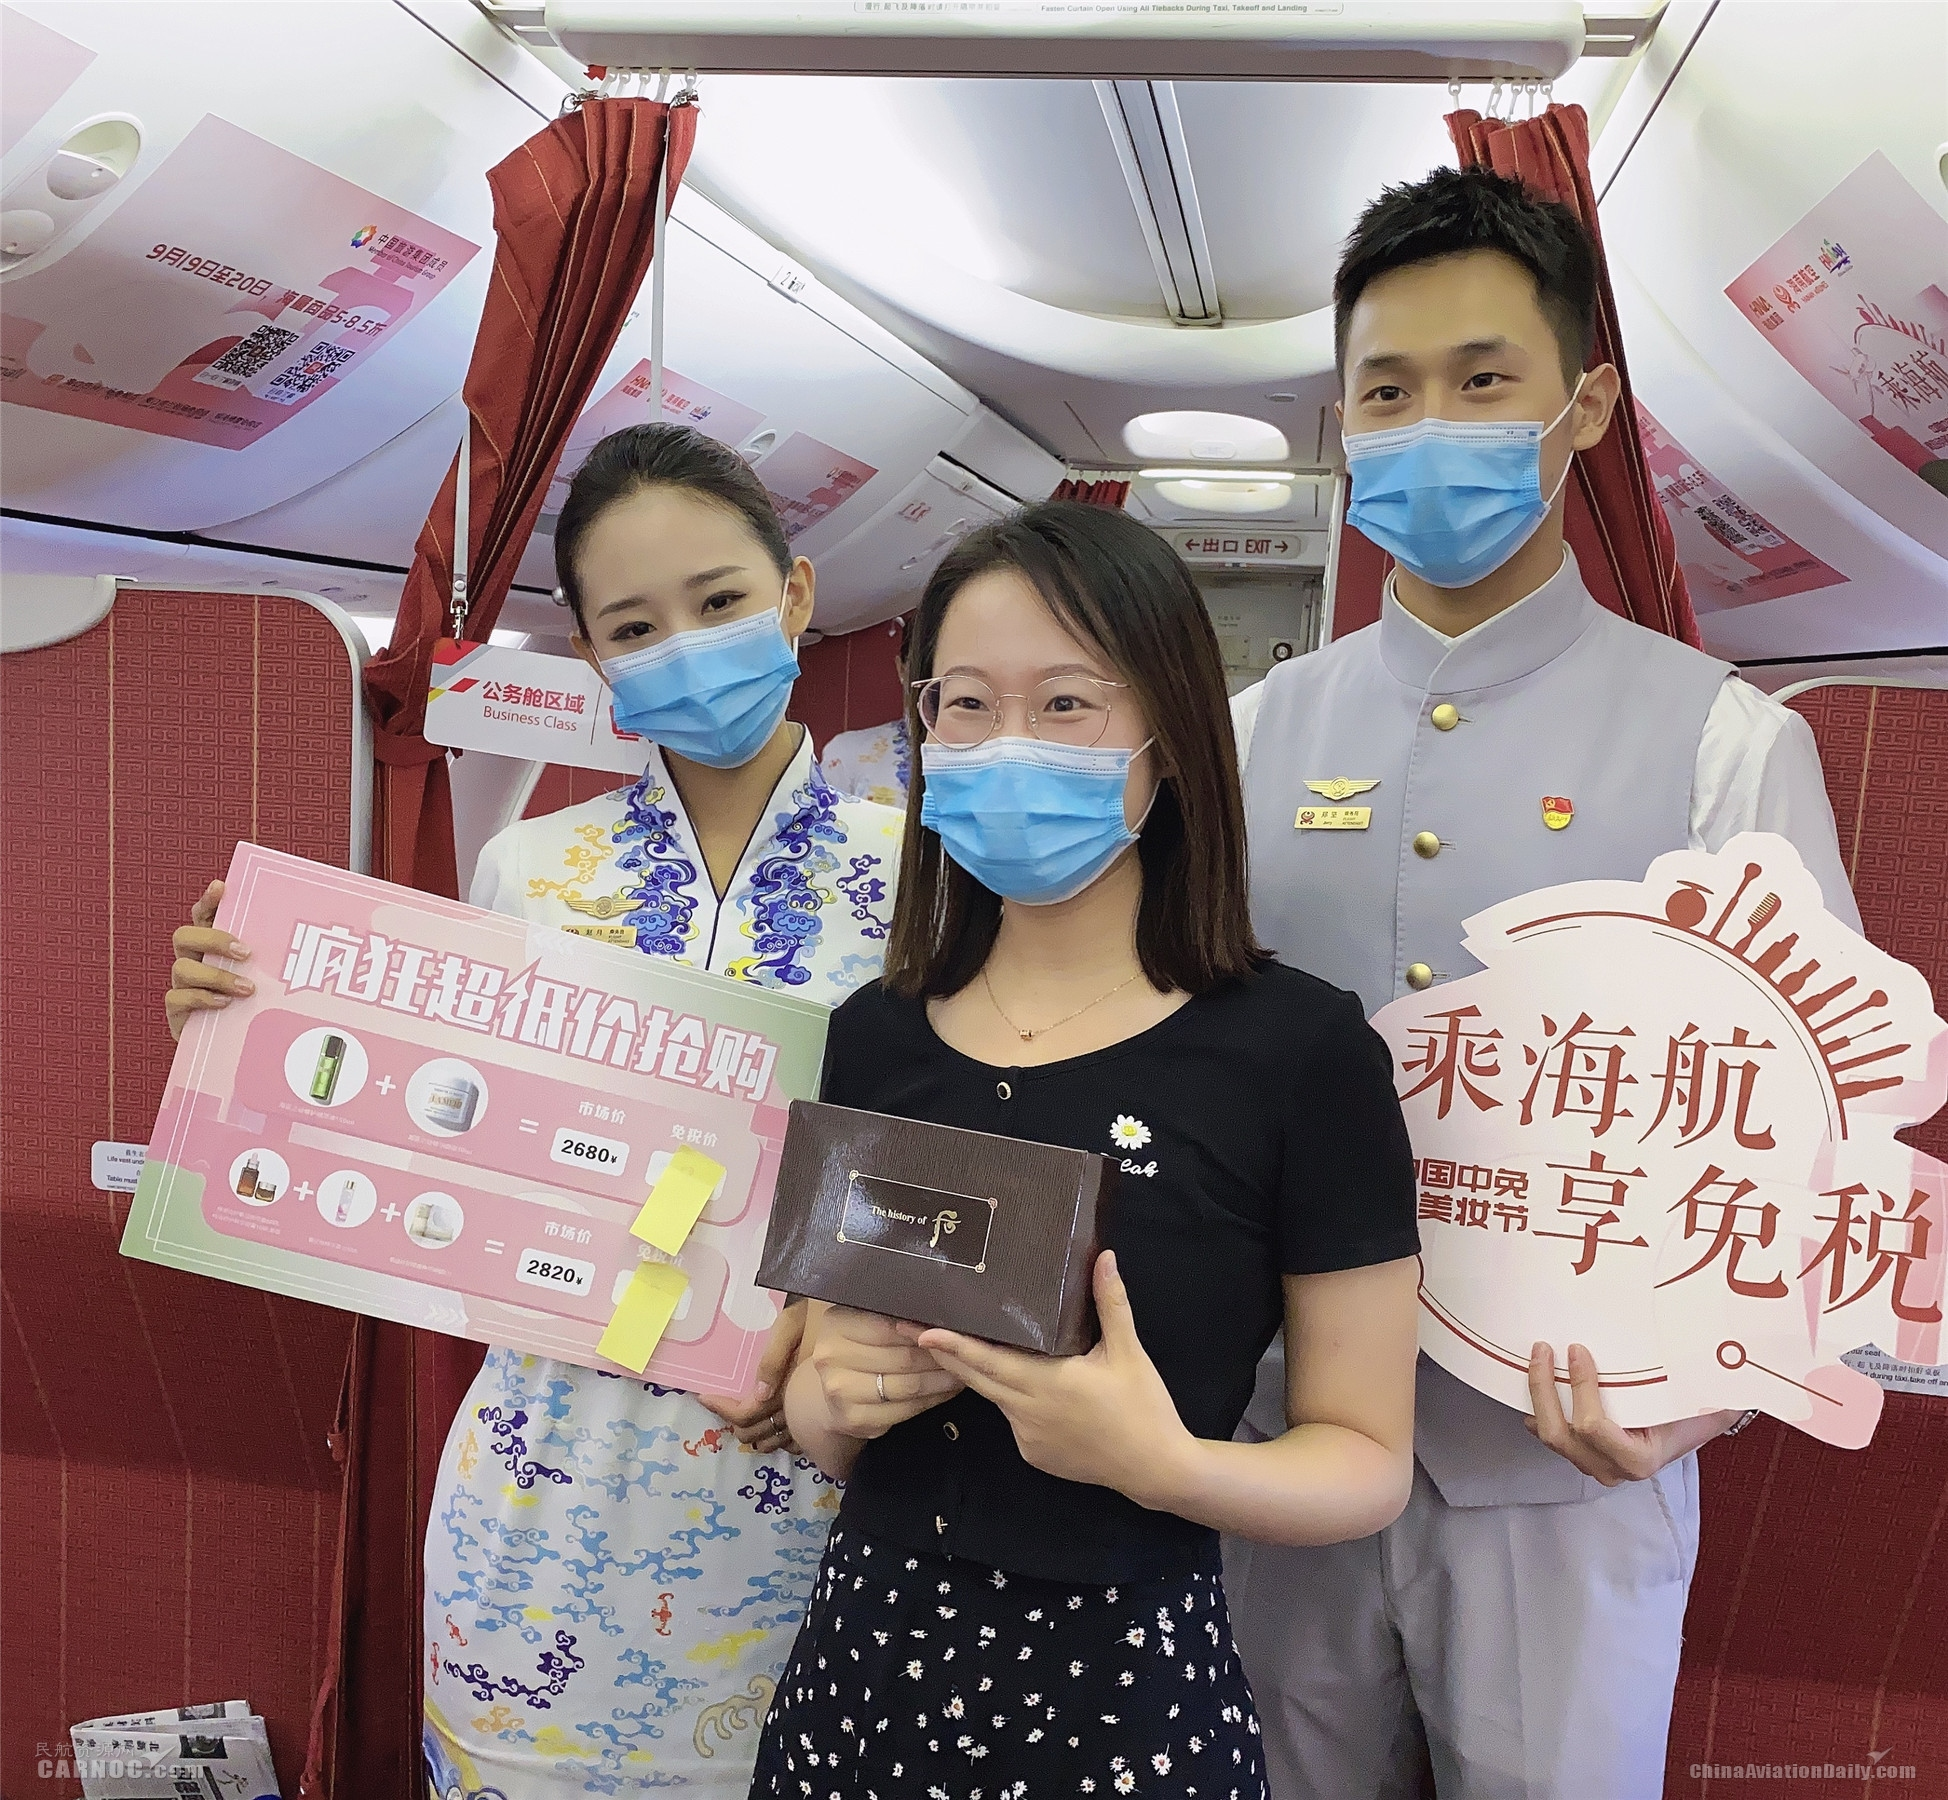 欢聚自贸港,海南航空免税主题航班惊喜不断